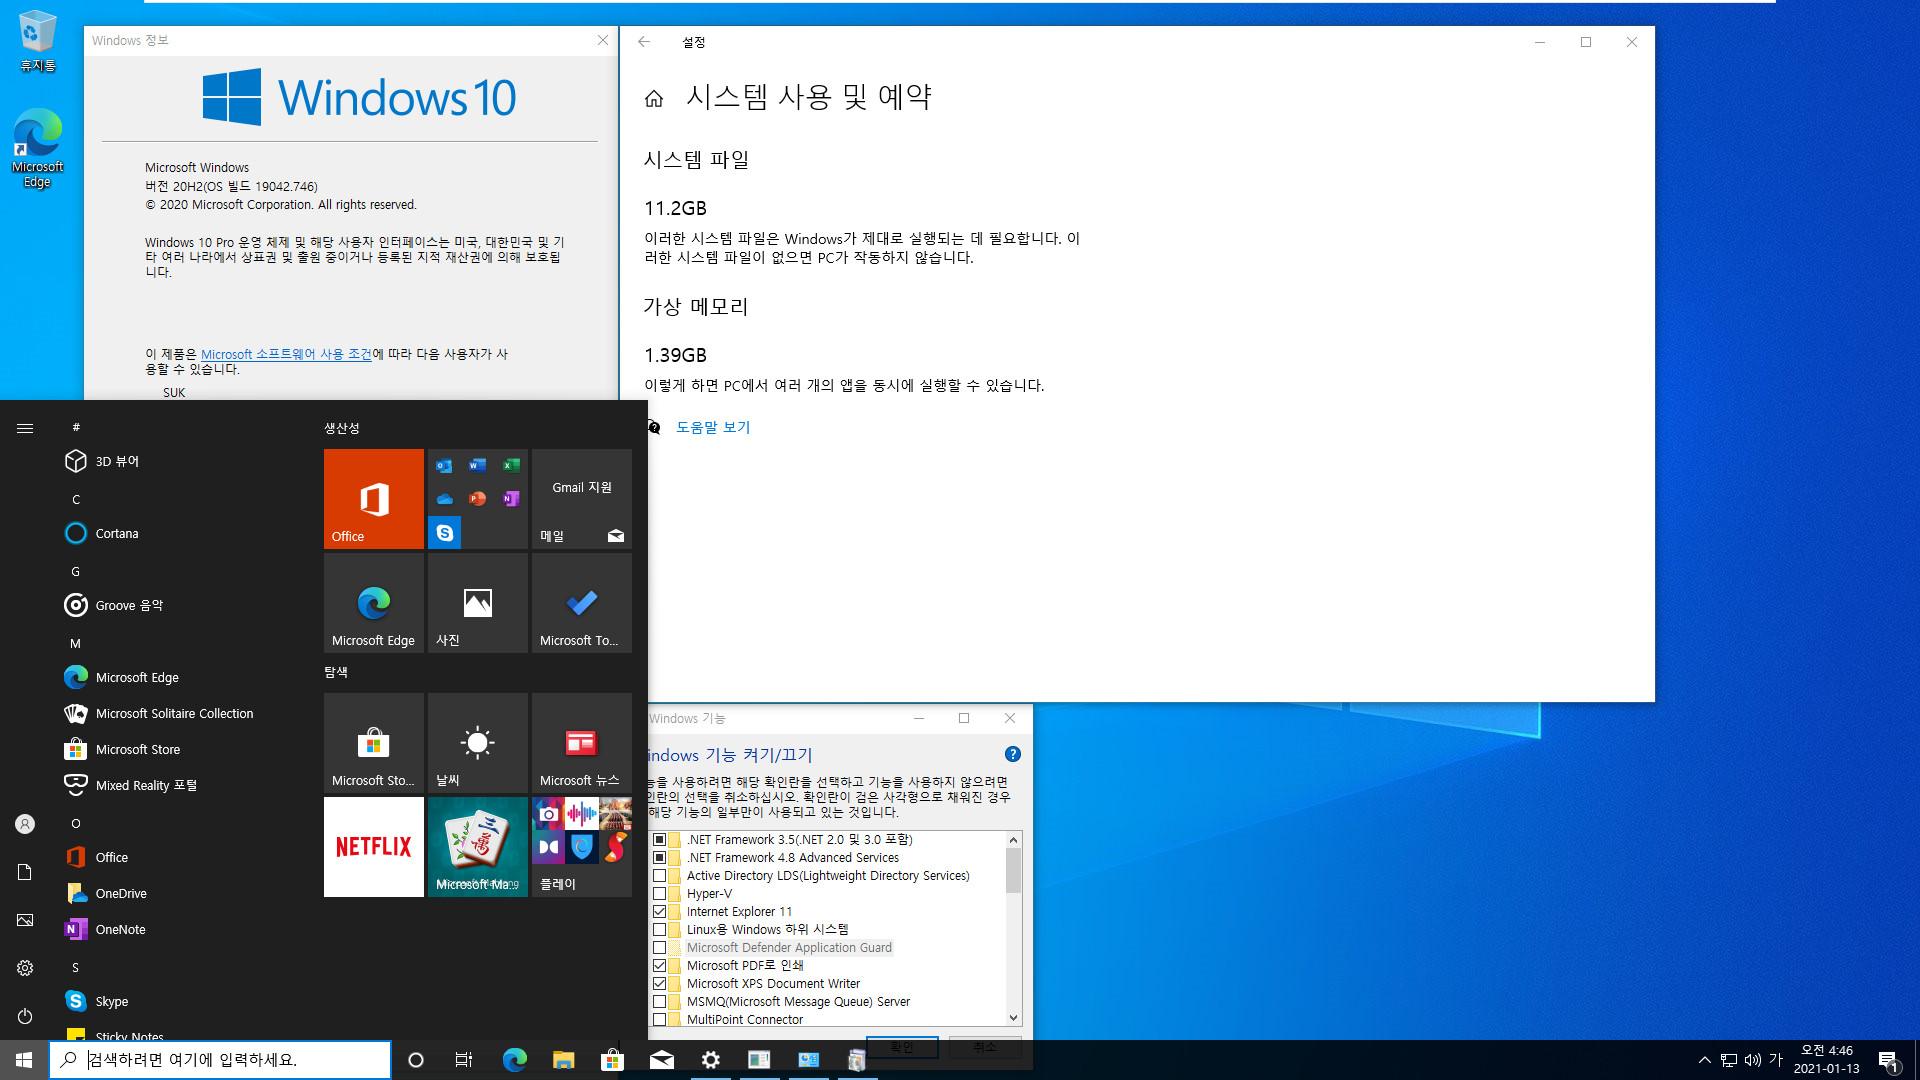 2021-01-13 수요일 정기 업데이트 통합 PRO x64 2개 - Windows 10 버전 2004 + 버전 20H2 누적 업데이트 KB4598242 (OS 빌드 19041.746 + 19042.746) - 윈도우 설치 테스트 2021-01-13_044628.jpg